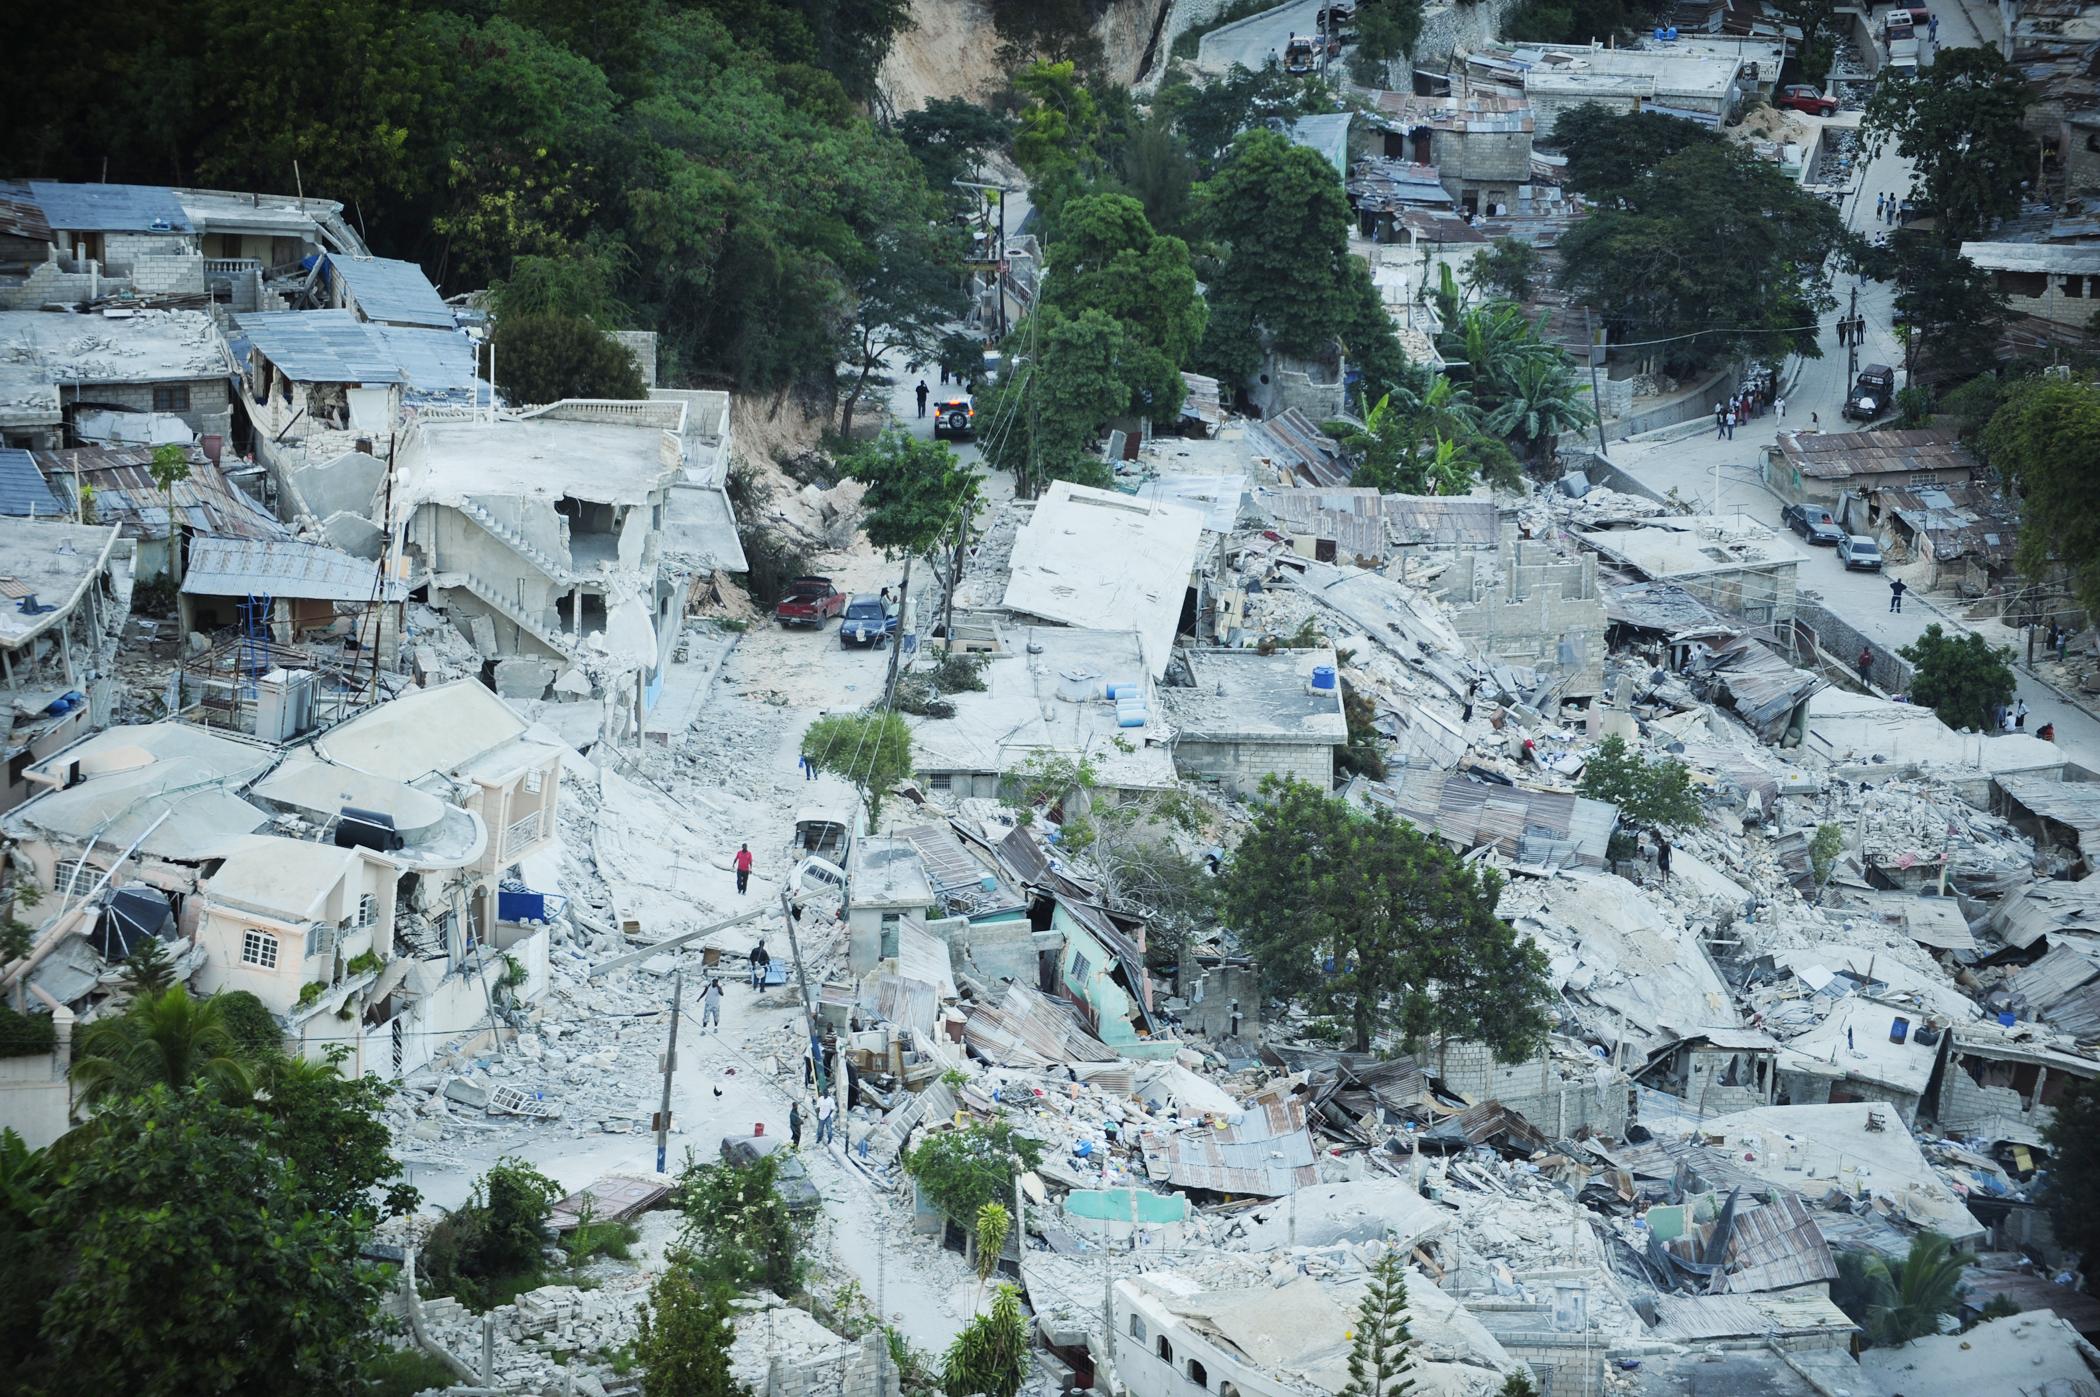 Imagen de Port-au-Princ, Haití tomada en Enero. 15, 2010 después de un terremoto de magnitud 7 que azotó la ciudad el 12 de enero. Fotografía por James L. Harper Jr.